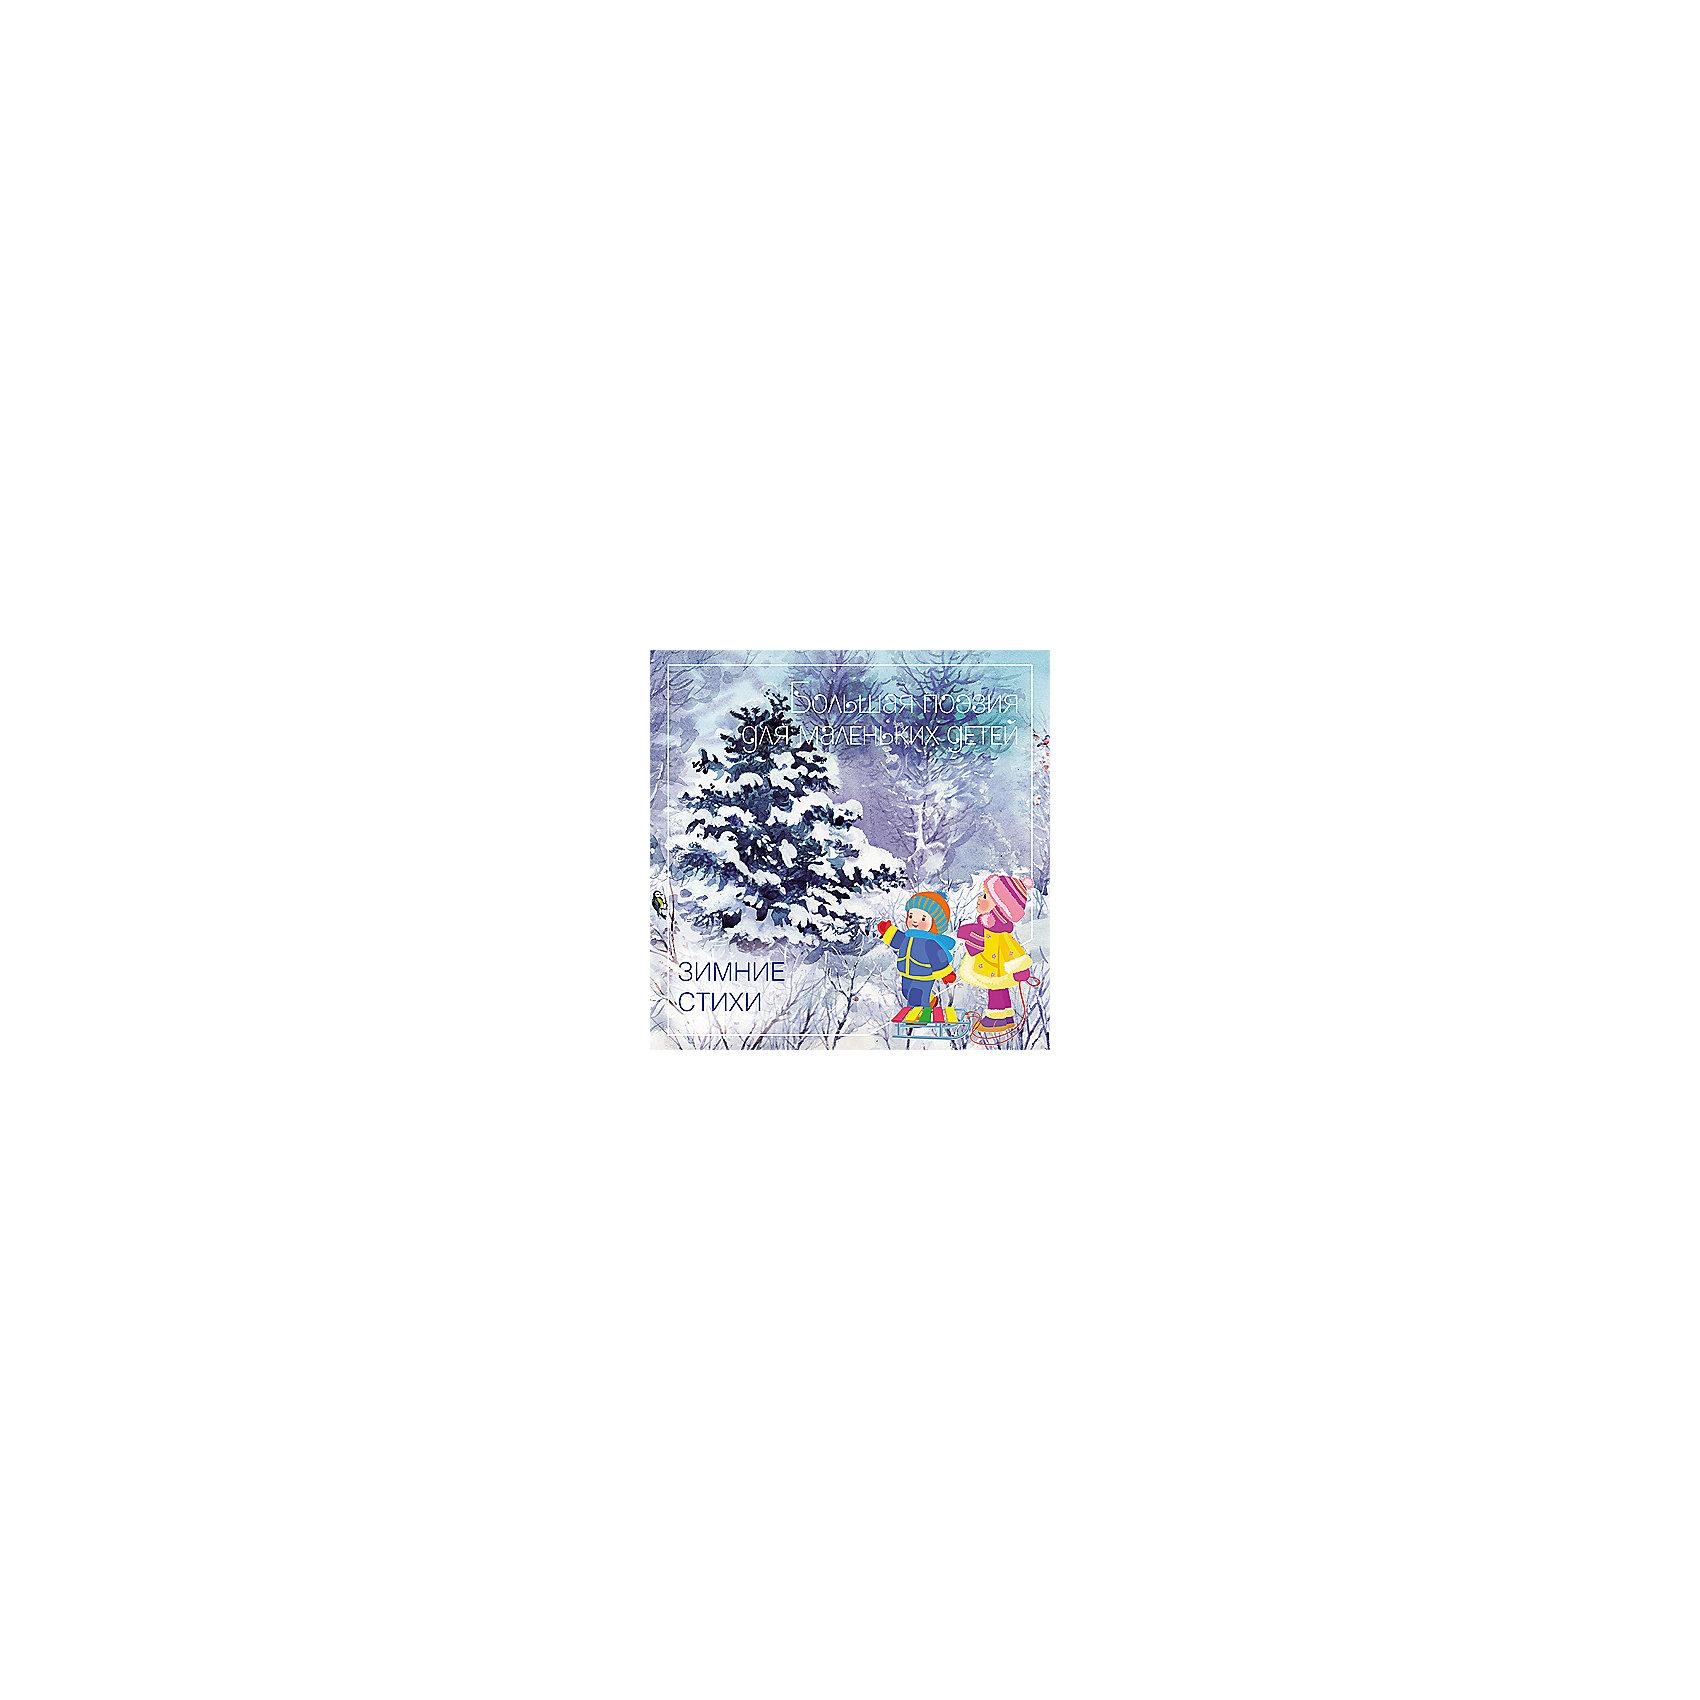 Сборник стихотворений русских классиков Зимние стихиСказки, рассказы, стихи<br>Большая поэзия для маленьких детей.Зимние стихи<br>На страницах этой книги собраны лучшие стихи русских классиков о природе.<br>Это произведения А.С. Пушкина, В.А. Жуковского, Ф.И. Тютчева, Н.А. Некрасова, С.А. Есенина и других великих поэтов.<br>Чтение принесет радость как малышам, для которых создана эта замечательная книга, так и взрослым.<br>Все стихи разделены на четыре раздела: зима, весна, лето и осень.<br>Этим темам соответствует и оформление книги, богатое и красочное.<br>Каждый разворот – это великолепный акварельный пейзаж. На его фоне крупным, хорошо читаемым шрифтом напечатано стихотворение.<br>Книга предназначена детям с 3 до 9 лет.<br>Самым маленьким будут читать взрослые.<br>Слушать поэтические произведения очень важно с самого детства.<br>Ритмичные, мелодичные, ясные и эмоционально окрашенные стихи помогут малышу развить чувство прекрасного и художественный вкус, привьют ему уважение к природе и любовь к Родине.<br>Чудесные иллюстрации и гармоничное звучание стихотворных строк формирует у малыша интерес к книгам и побуждает его к самостоятельному чтению.<br>В книгу входят стихи:<br>И.С. Никитин.Встреча зимы<br>И.З. Суриков.Зима<br>Е.А. Баратынский.Где сладкий шепот моих лесов?<br>Н.А. Некрасов.Не ветер бушует над бором…<br>А.А. Фет.Кот поет, глаза прищуря…<br>А.А. Фет.Печальная береза у моего окна…<br>С.А. Есенин.Поет зима - аукает…<br>А.С. Пушкин .Зима!... Крестьянин, торжествуя…<br>А.С. Пушкин.Опрятней модного паркета…<br>А.С. Пушкин.Зимняя дорога<br>А.С. Пушкин.Вот север, тучи нагоняя…<br>А.А. Фет.Чудная картина, как ты мне родна…<br>И.А. Бунин.Первый снег<br>Ф.И. Тютчев.Чародейкою Зимою околдован, лес стоит…<br>И.С. Никитин. Зашумела, разгулялась в поле непогода…<br>С.А. Есенин.Береза<br>Русская народная песняКак на тоненький ледок<br>И.З. Суриков.Детство<br>К.Д. Бальмонт.Снежинка<br><br>Ширина мм: 200<br>Глубина мм: 290<br>Высота мм: 290<br>Вес г: 190<br>Возраст от м